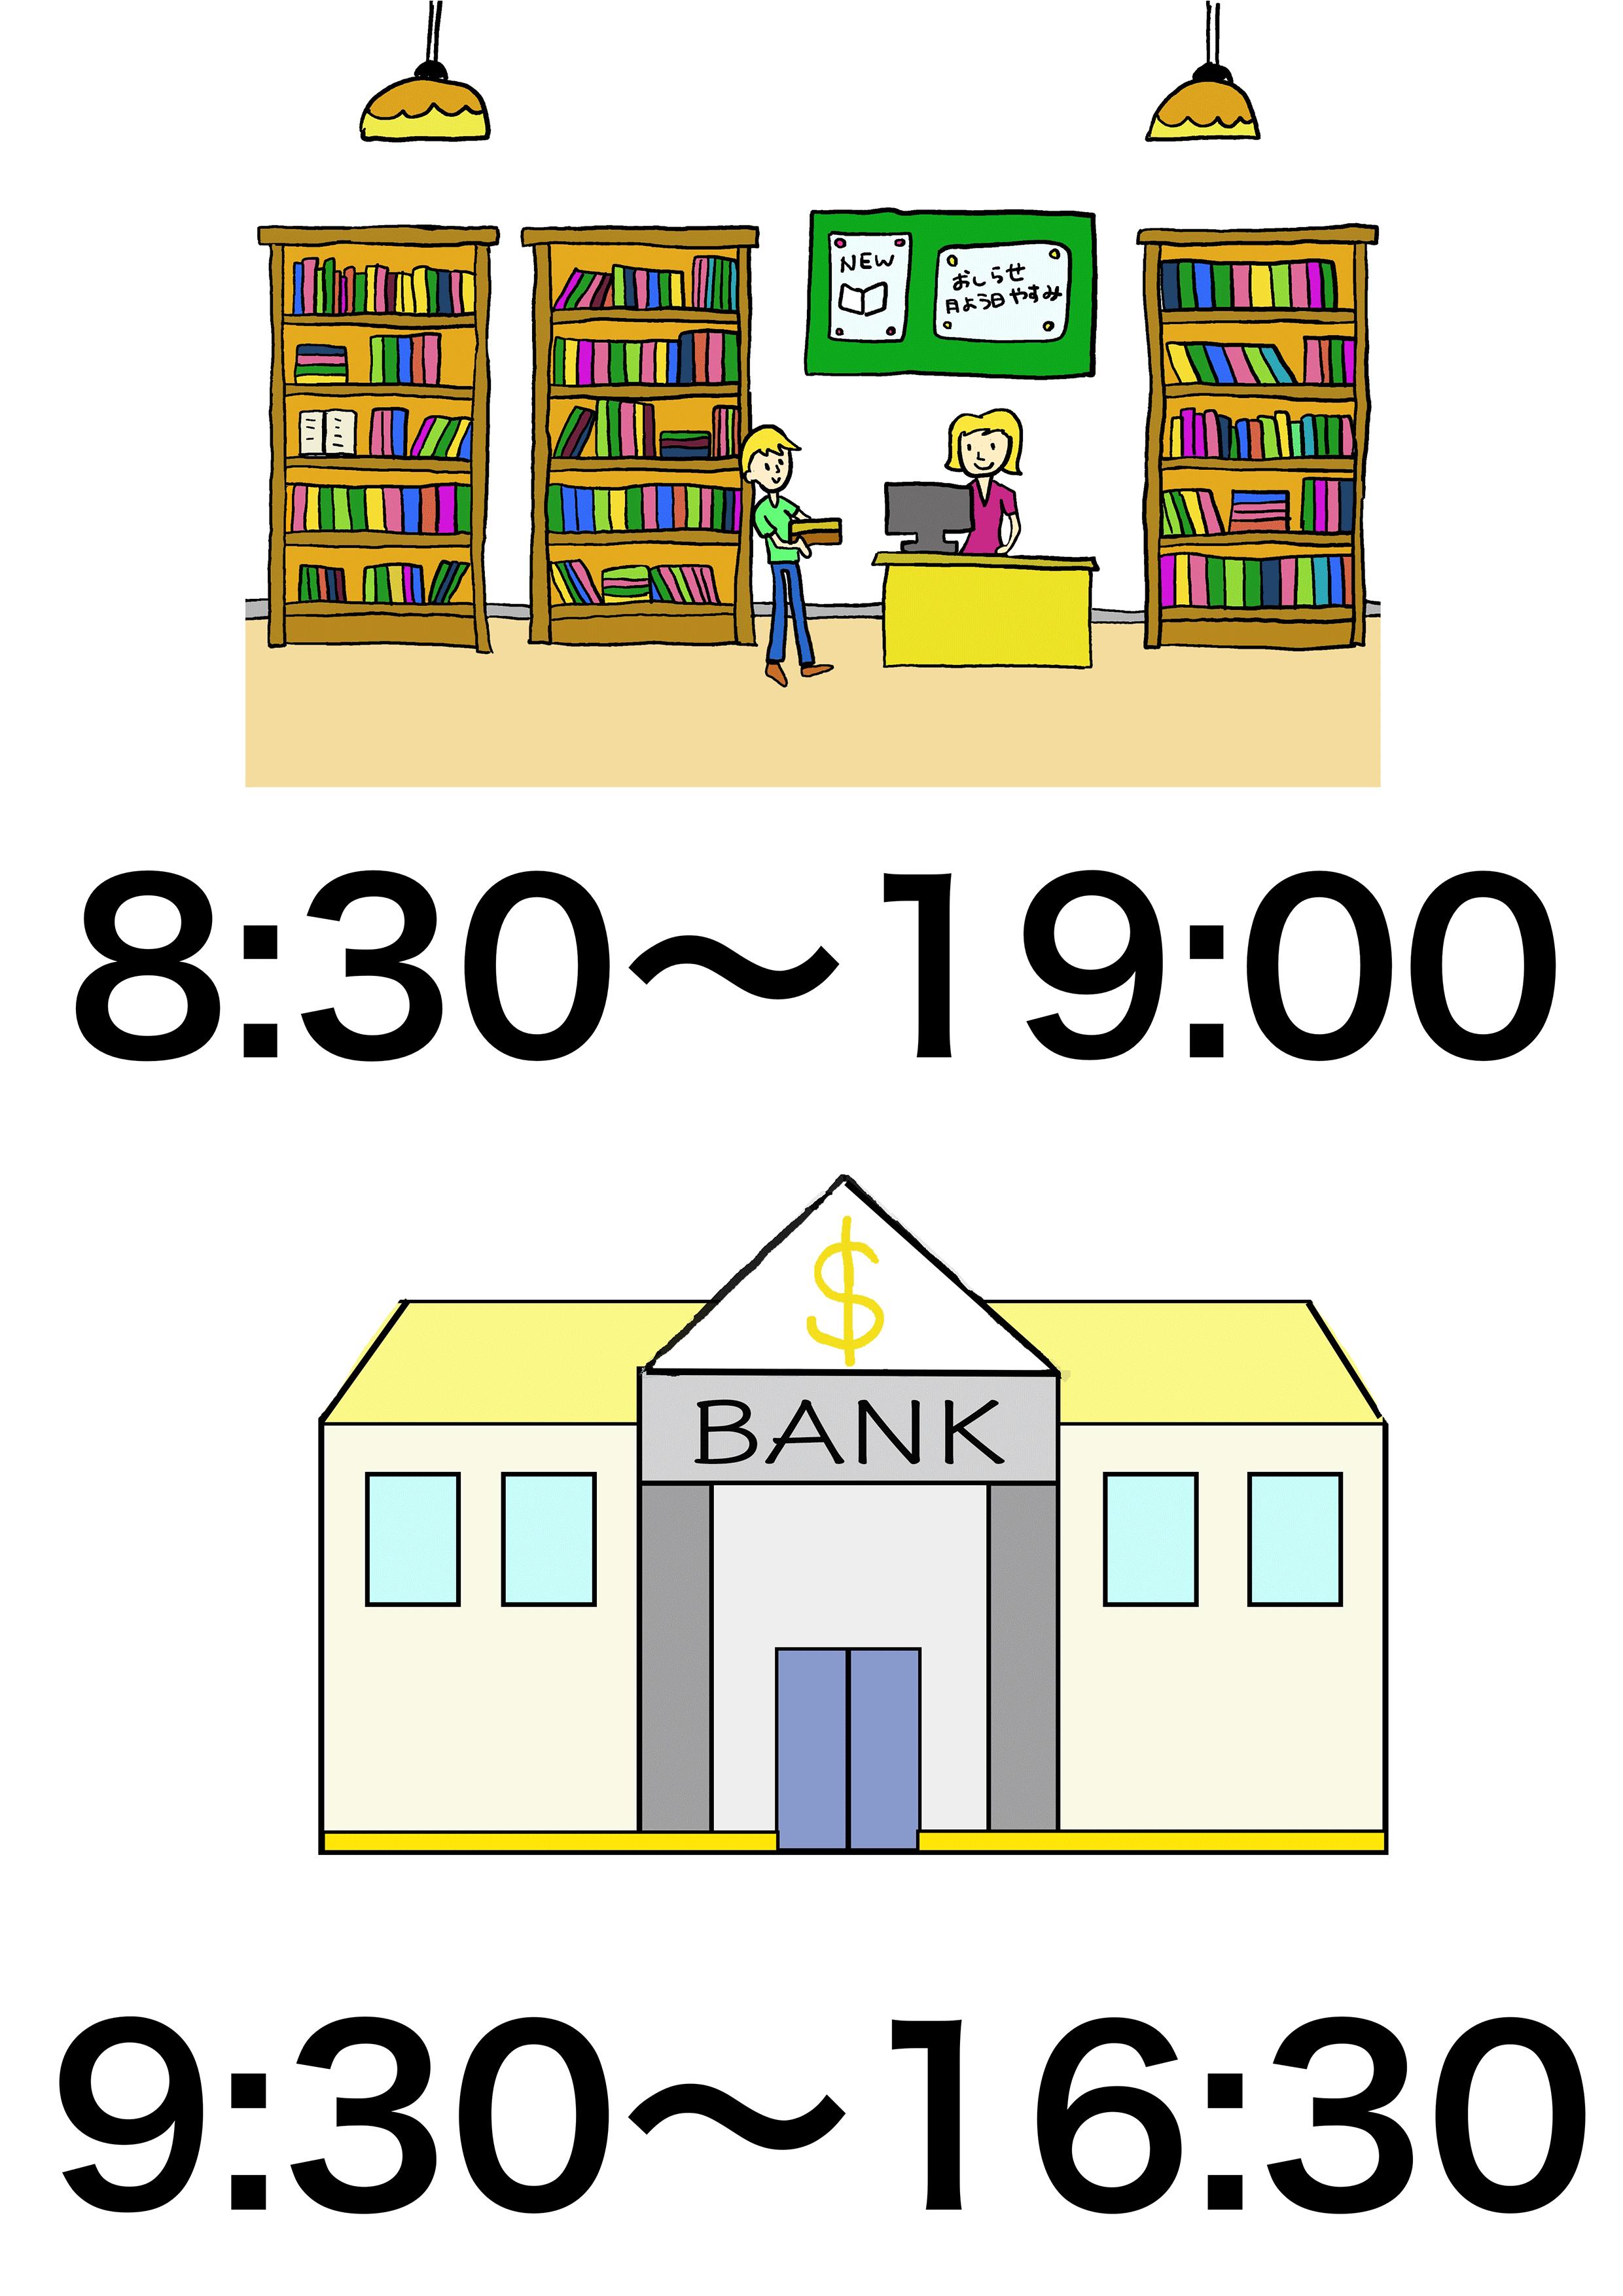 4課イラスト【図書館/銀行】